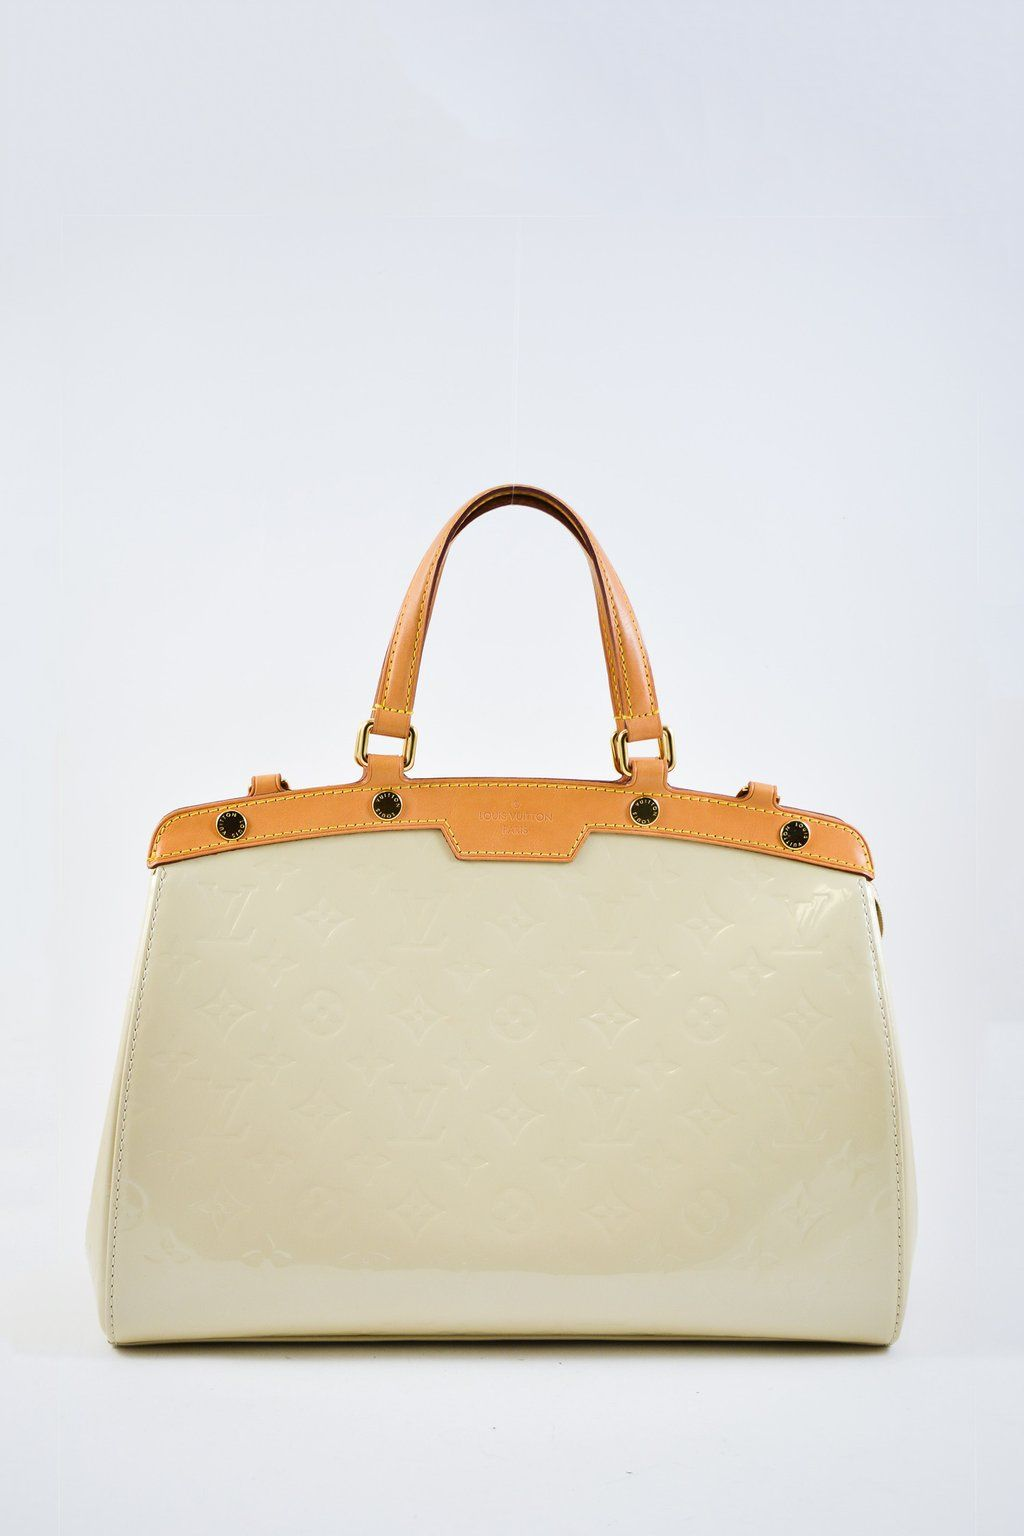 6c19e2c99650 Louis Vuitton Blanc Corail Vernis Brea MM Retail  4000  MineAndYours ...